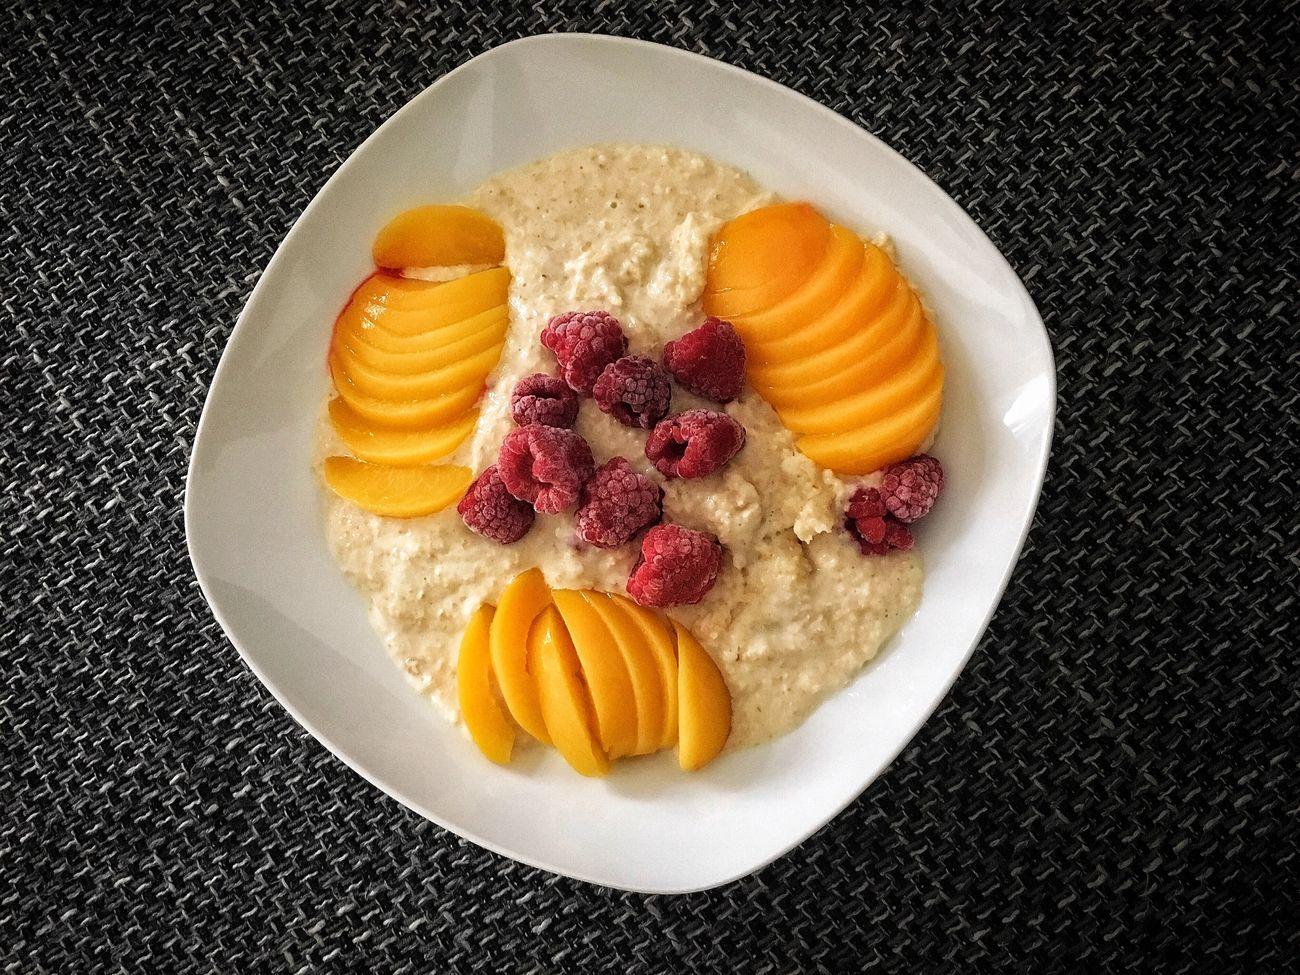 Things I Like Fit Food Gesund Leckerschmecker Porridge am Morgen vertreibt Kummer und Sorgen.